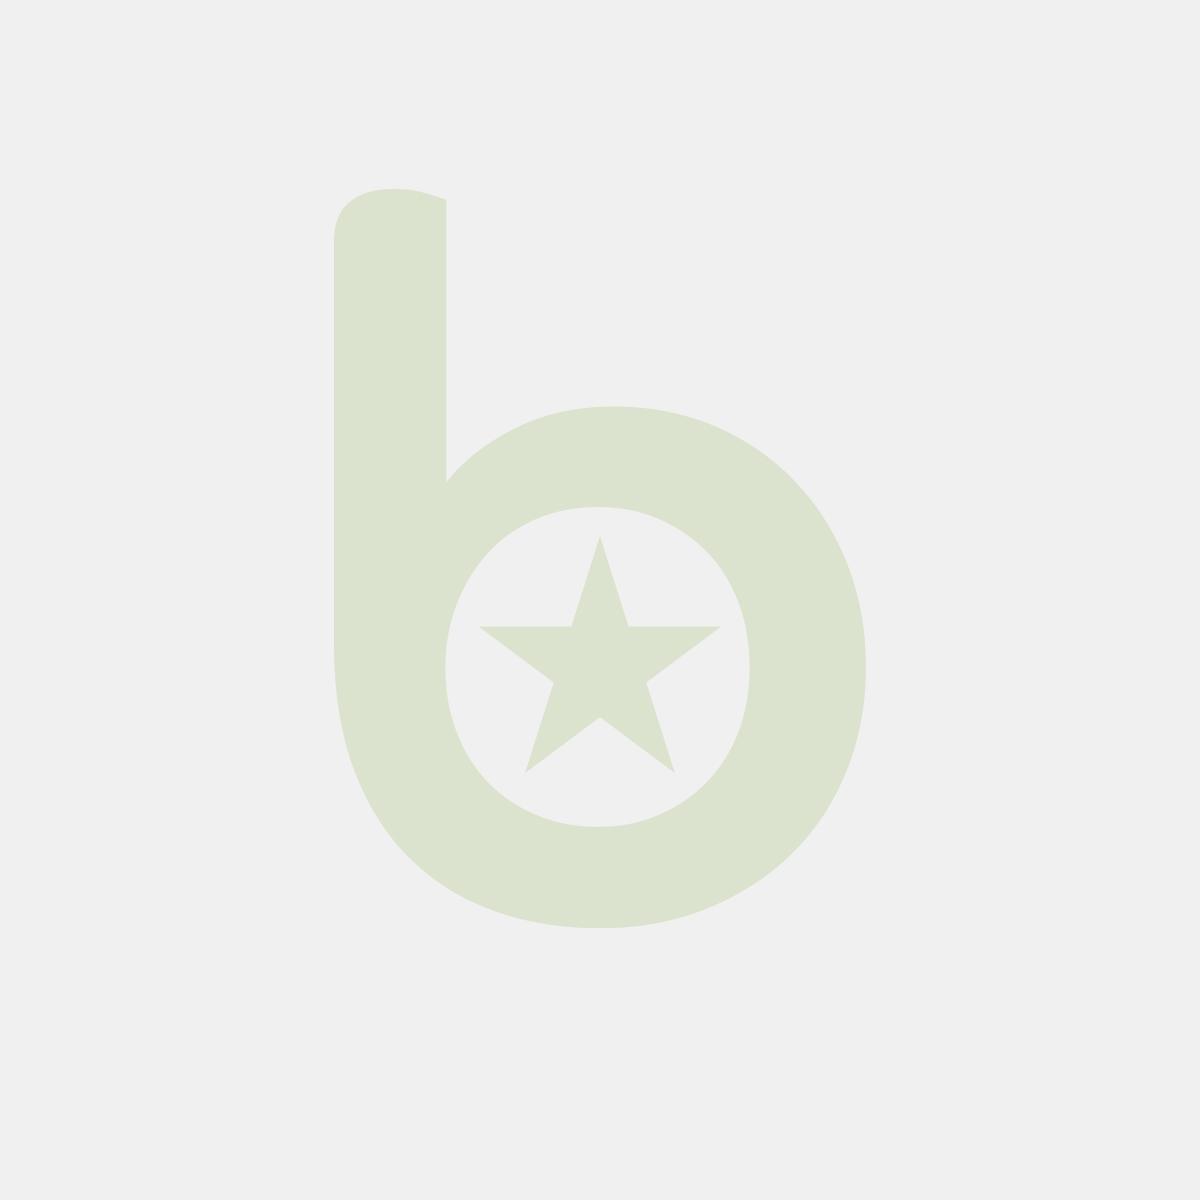 Pokrywka Do Pojemników Gn Z Polipropylenu Gn 1/1